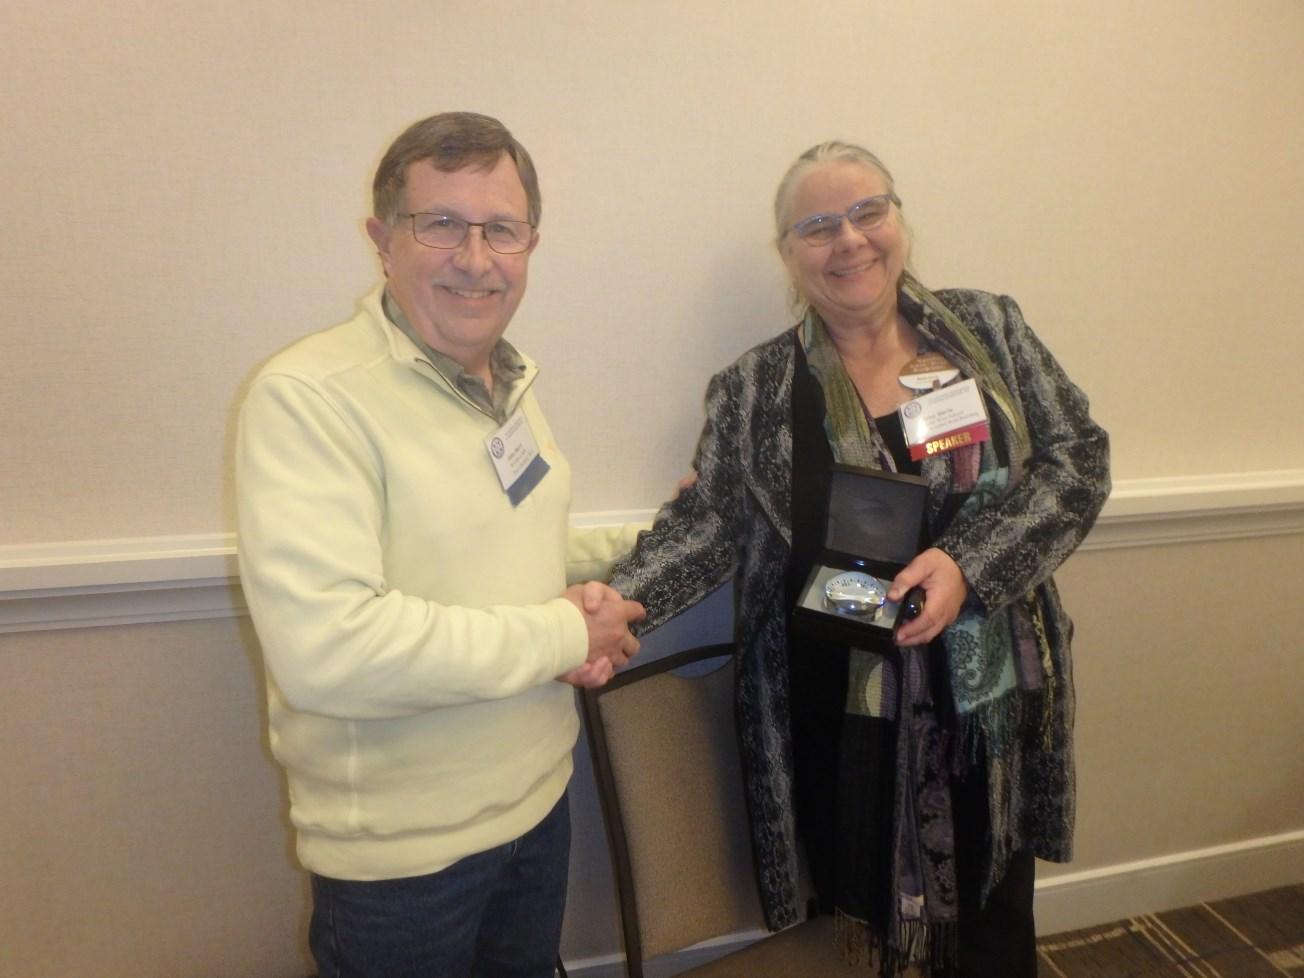 NAMS Regional VP John Baird & speaker Betsy Davis of Northwest School of Wooden Boatbuilding